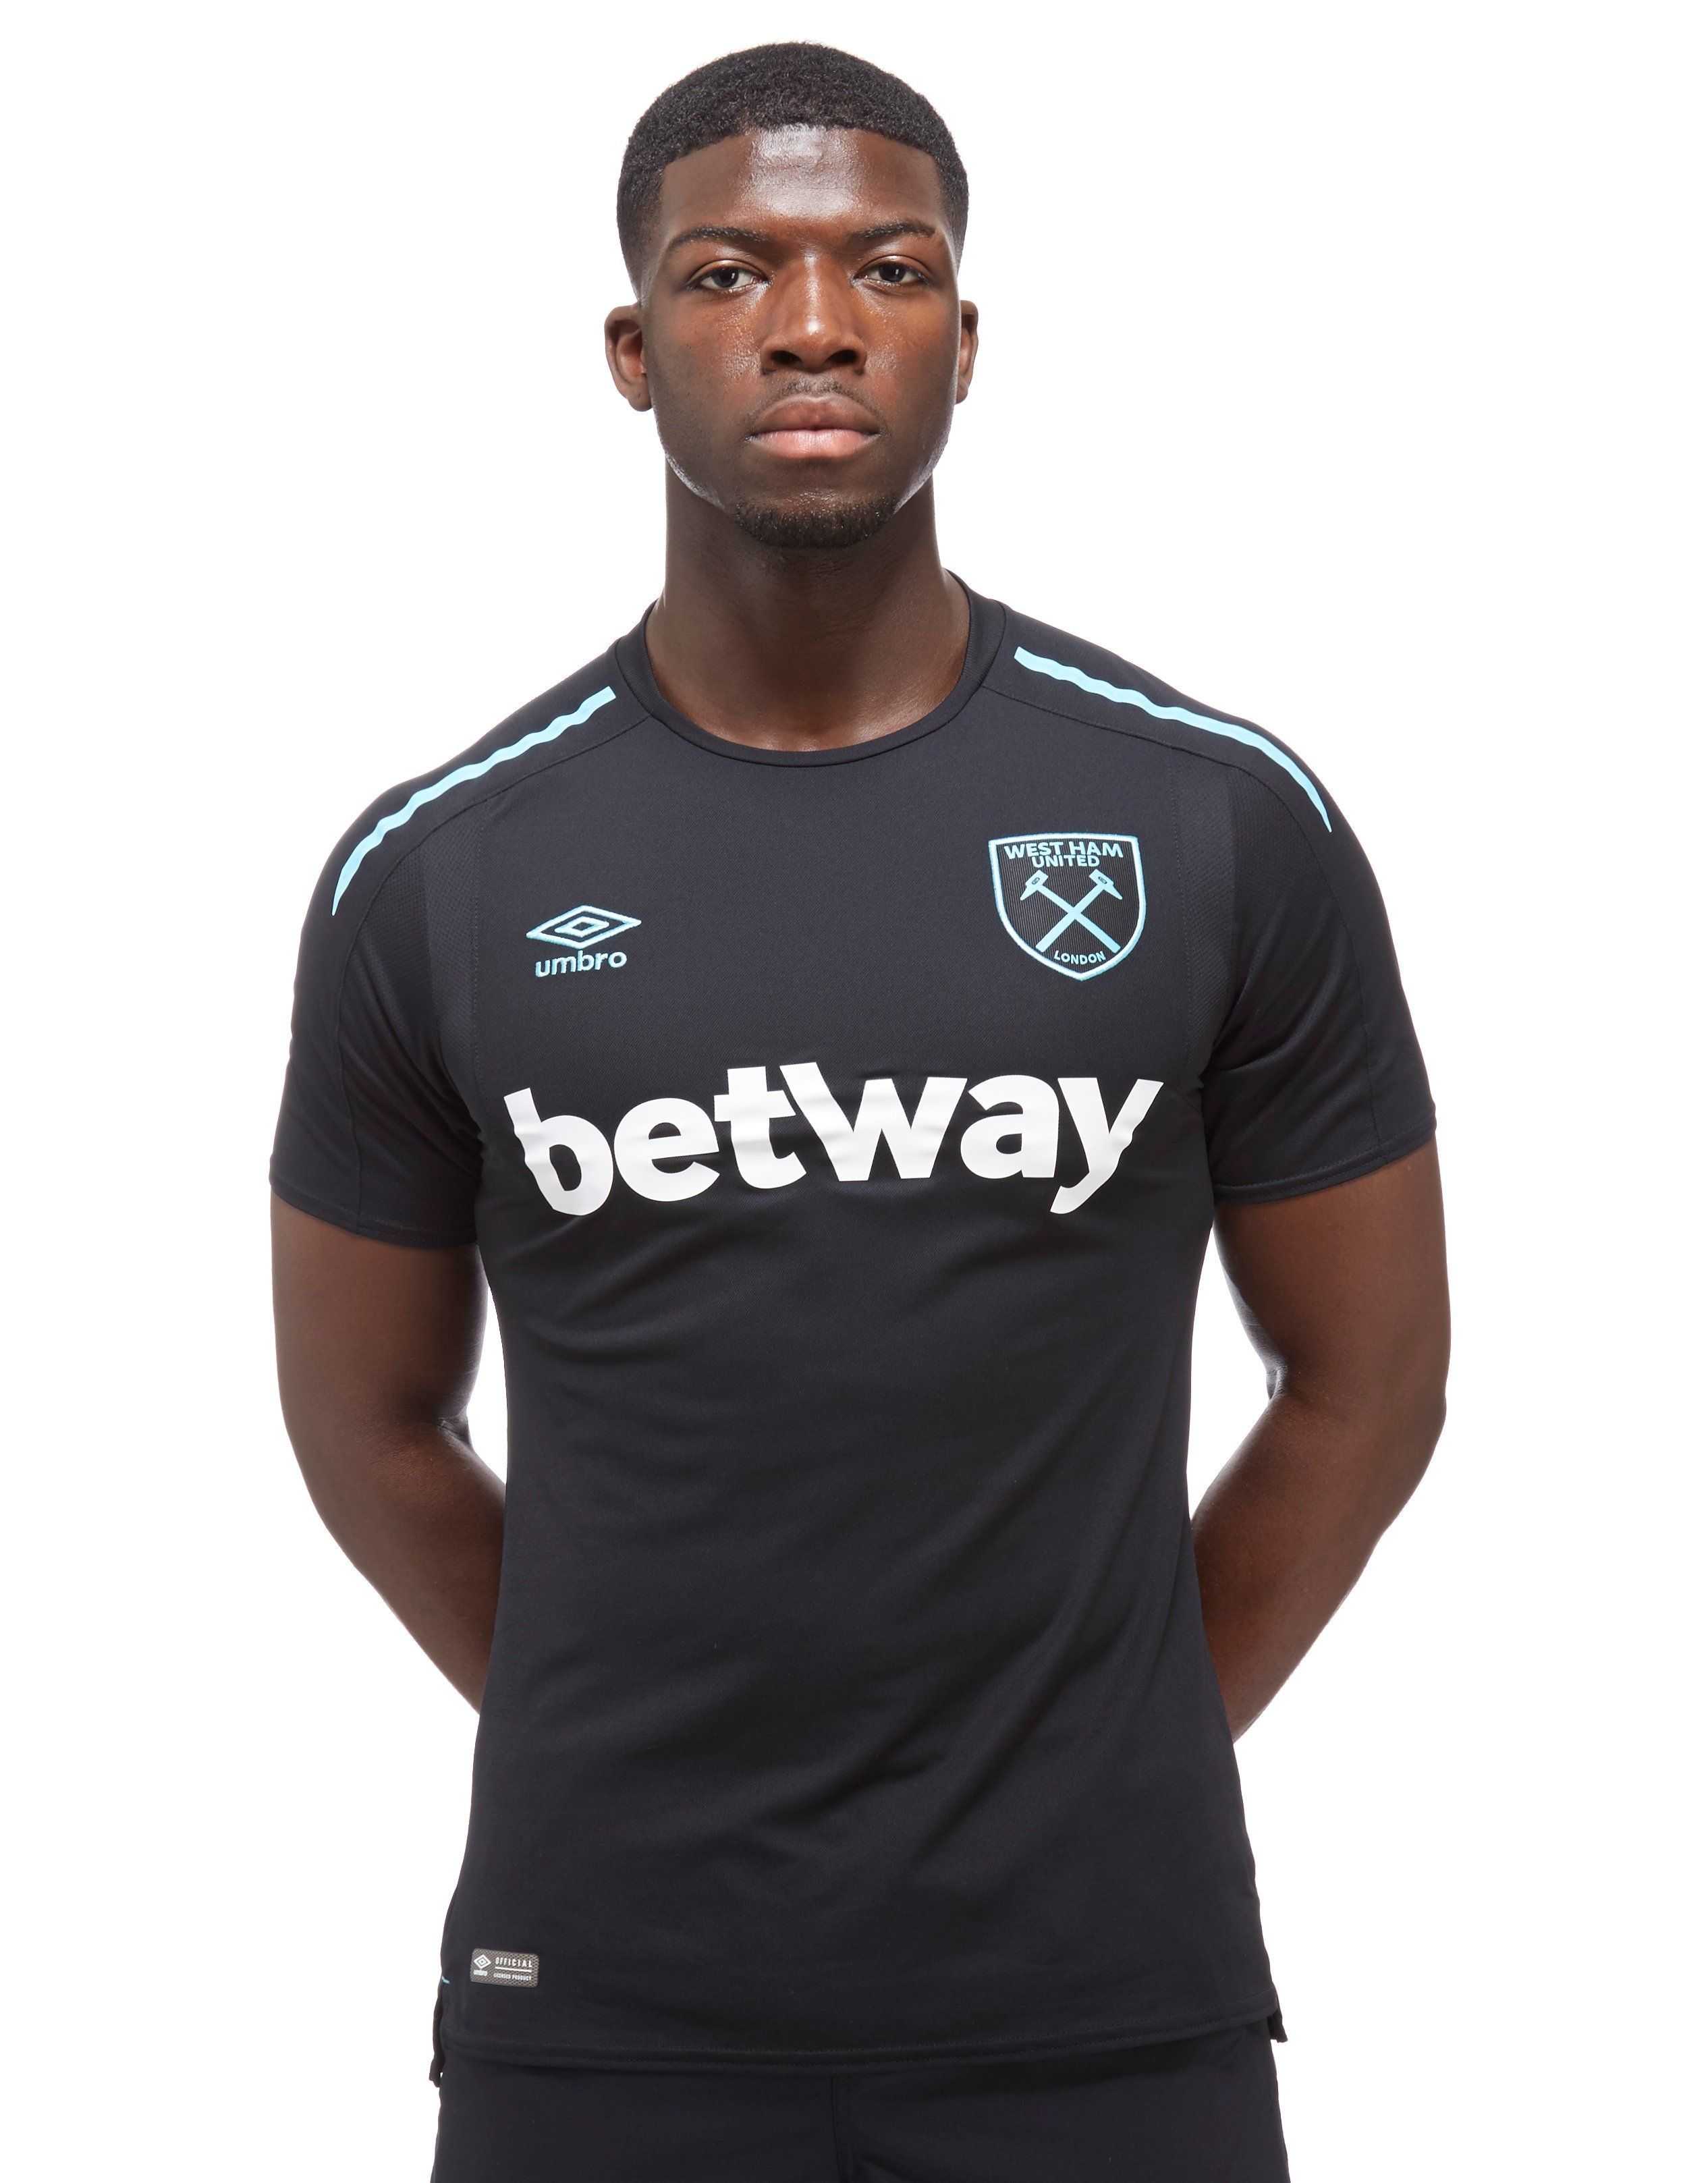 Umbro West Ham United 2017/18 Away Shirt